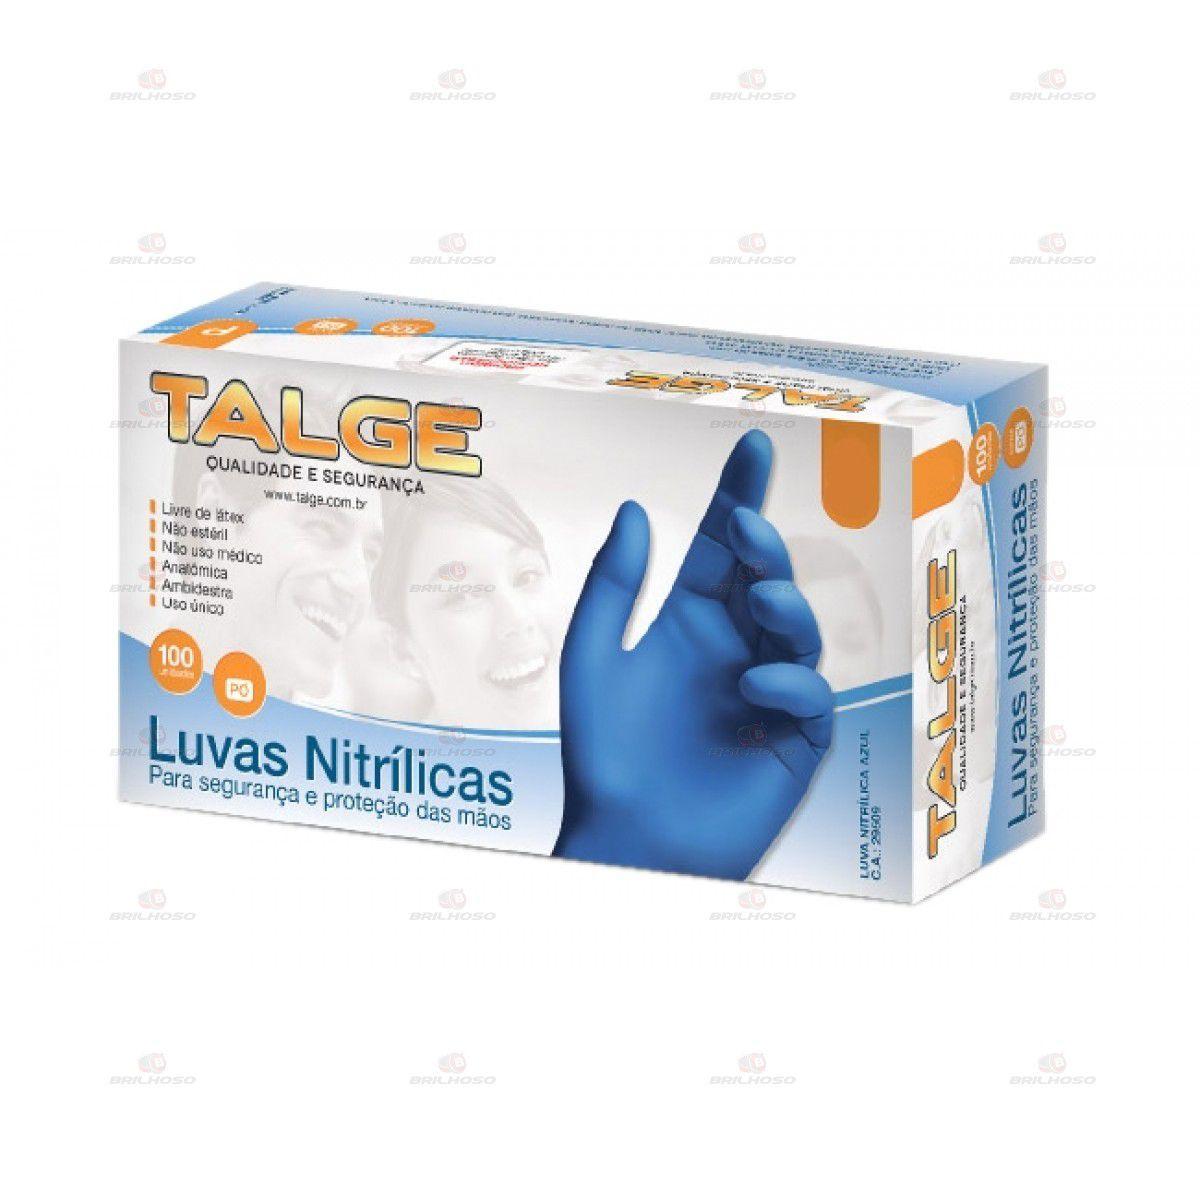 Luva Nitrilica Azul sem pó Talge Médio com 100 unidades